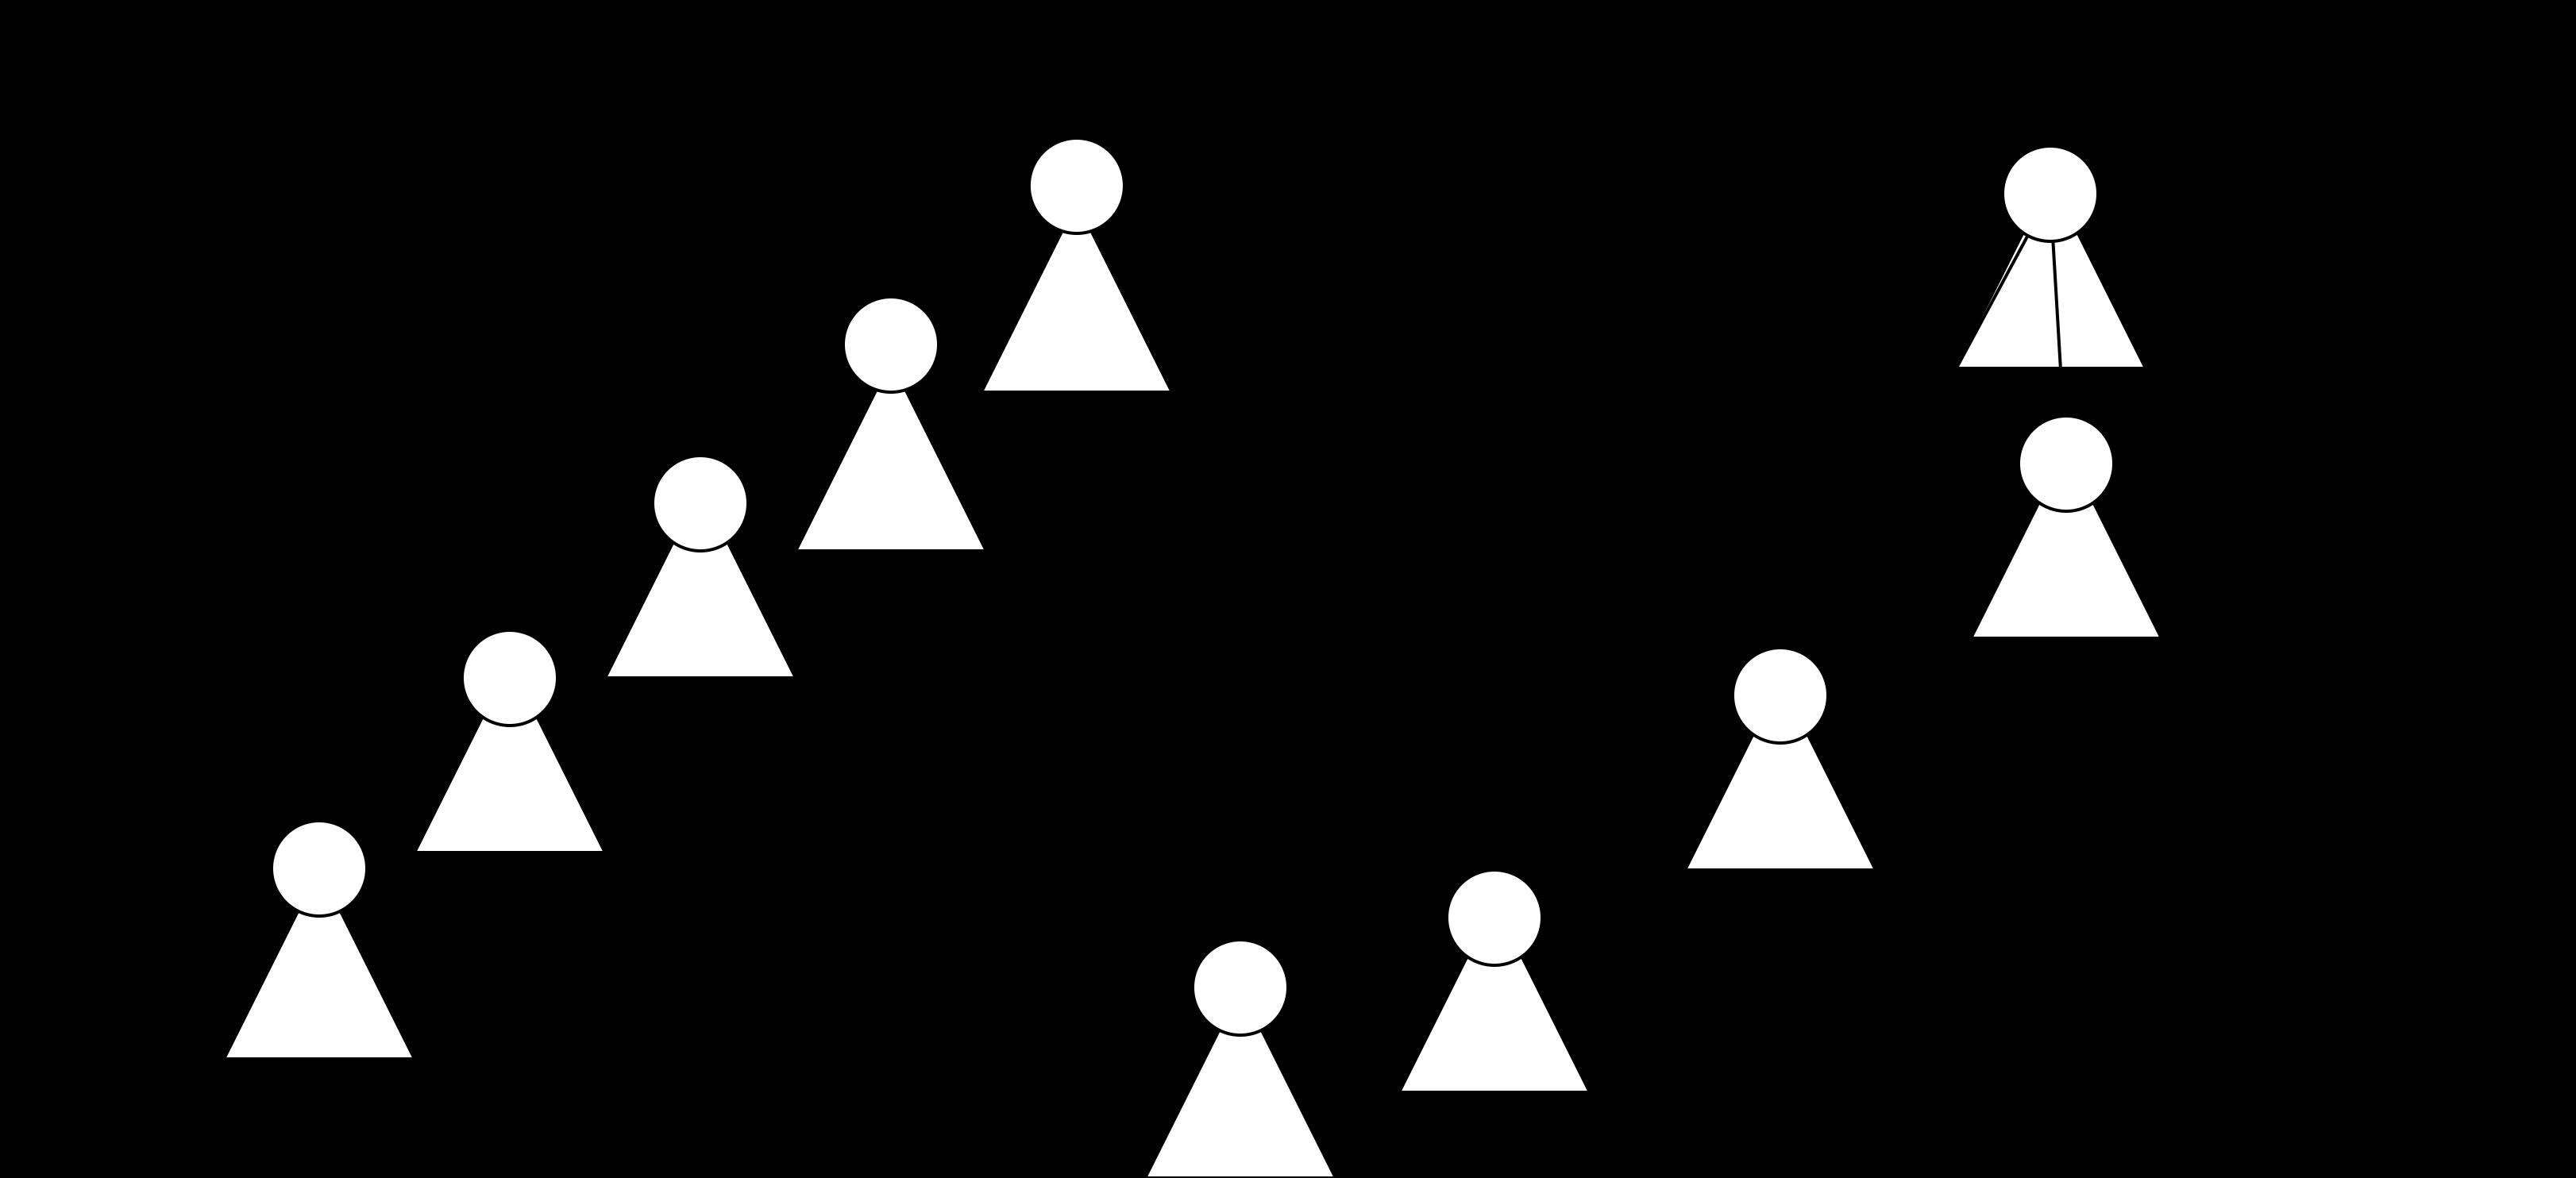 path_compression_potential